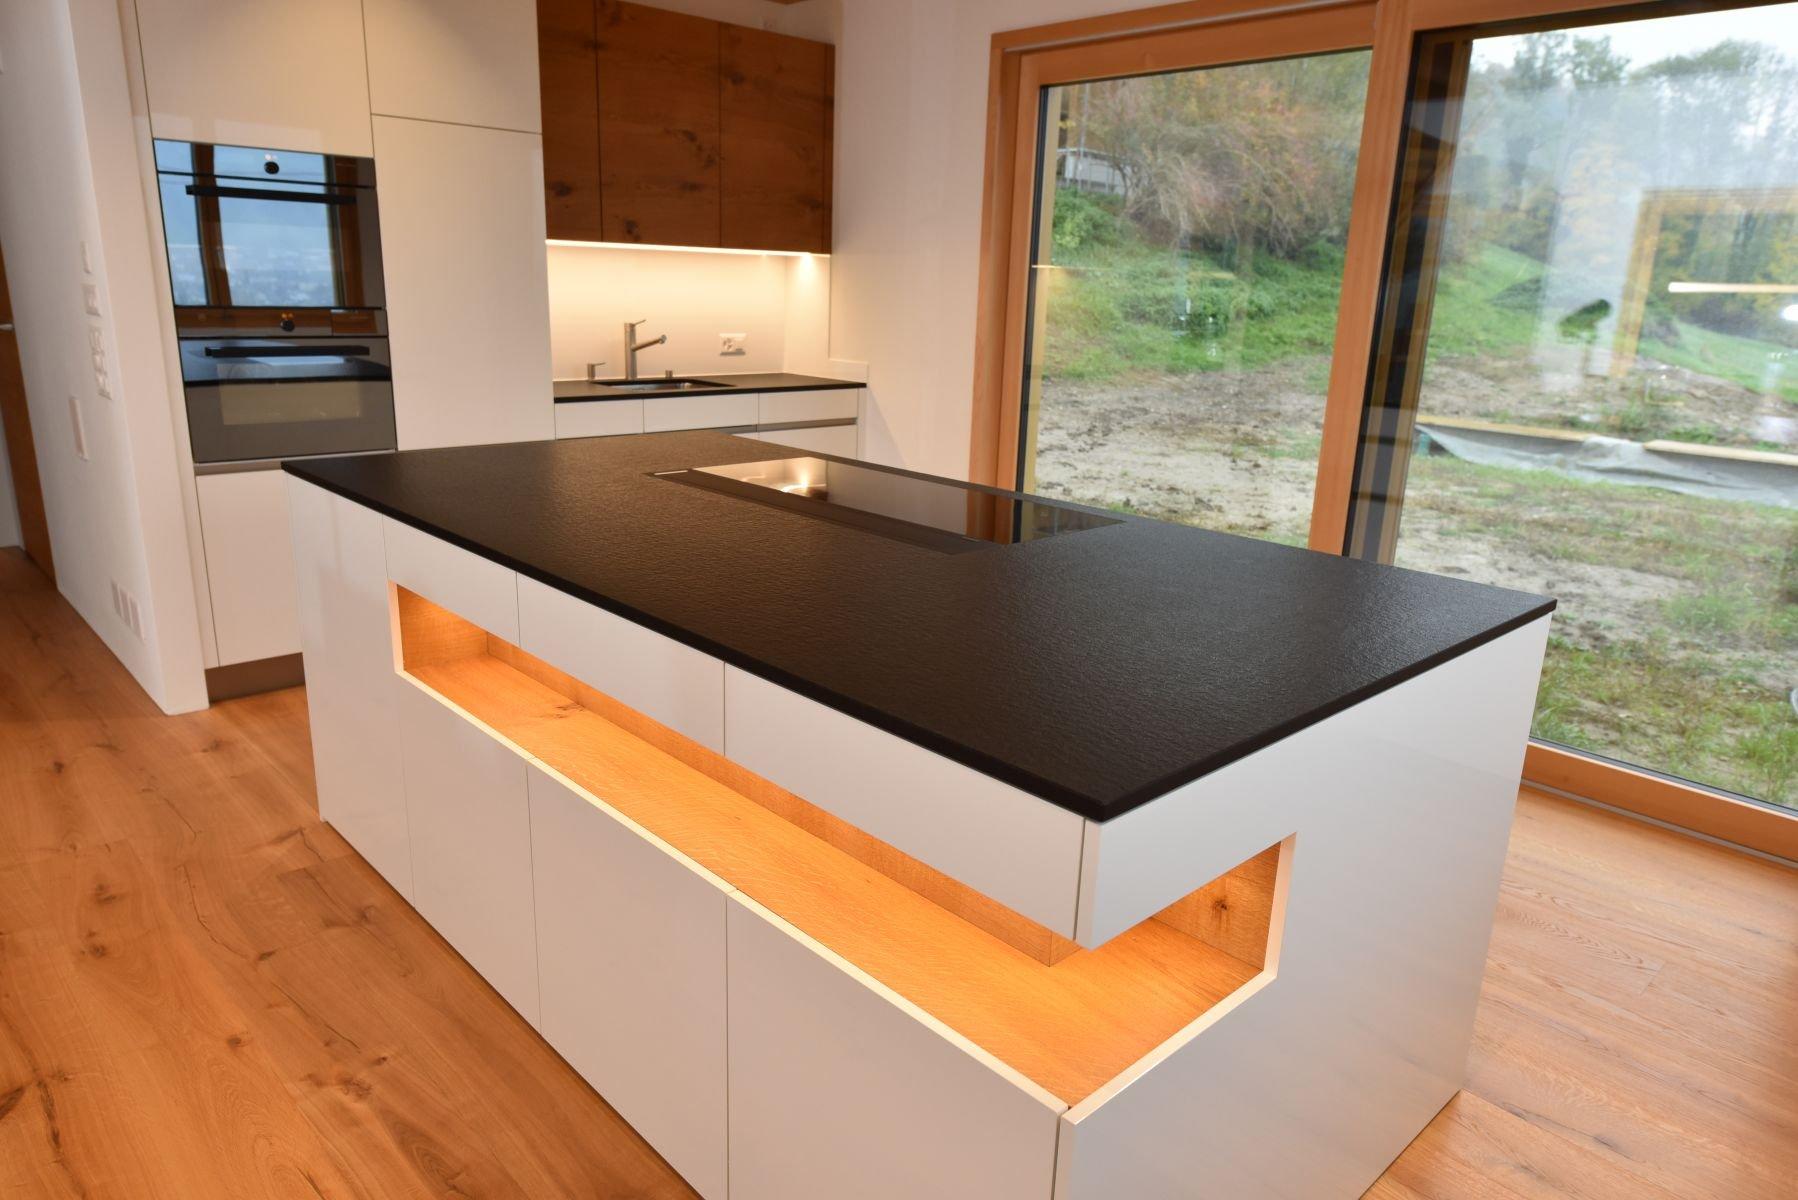 Küche mit Front in Eiche rustikal :: Schreinerei Markus Vogel